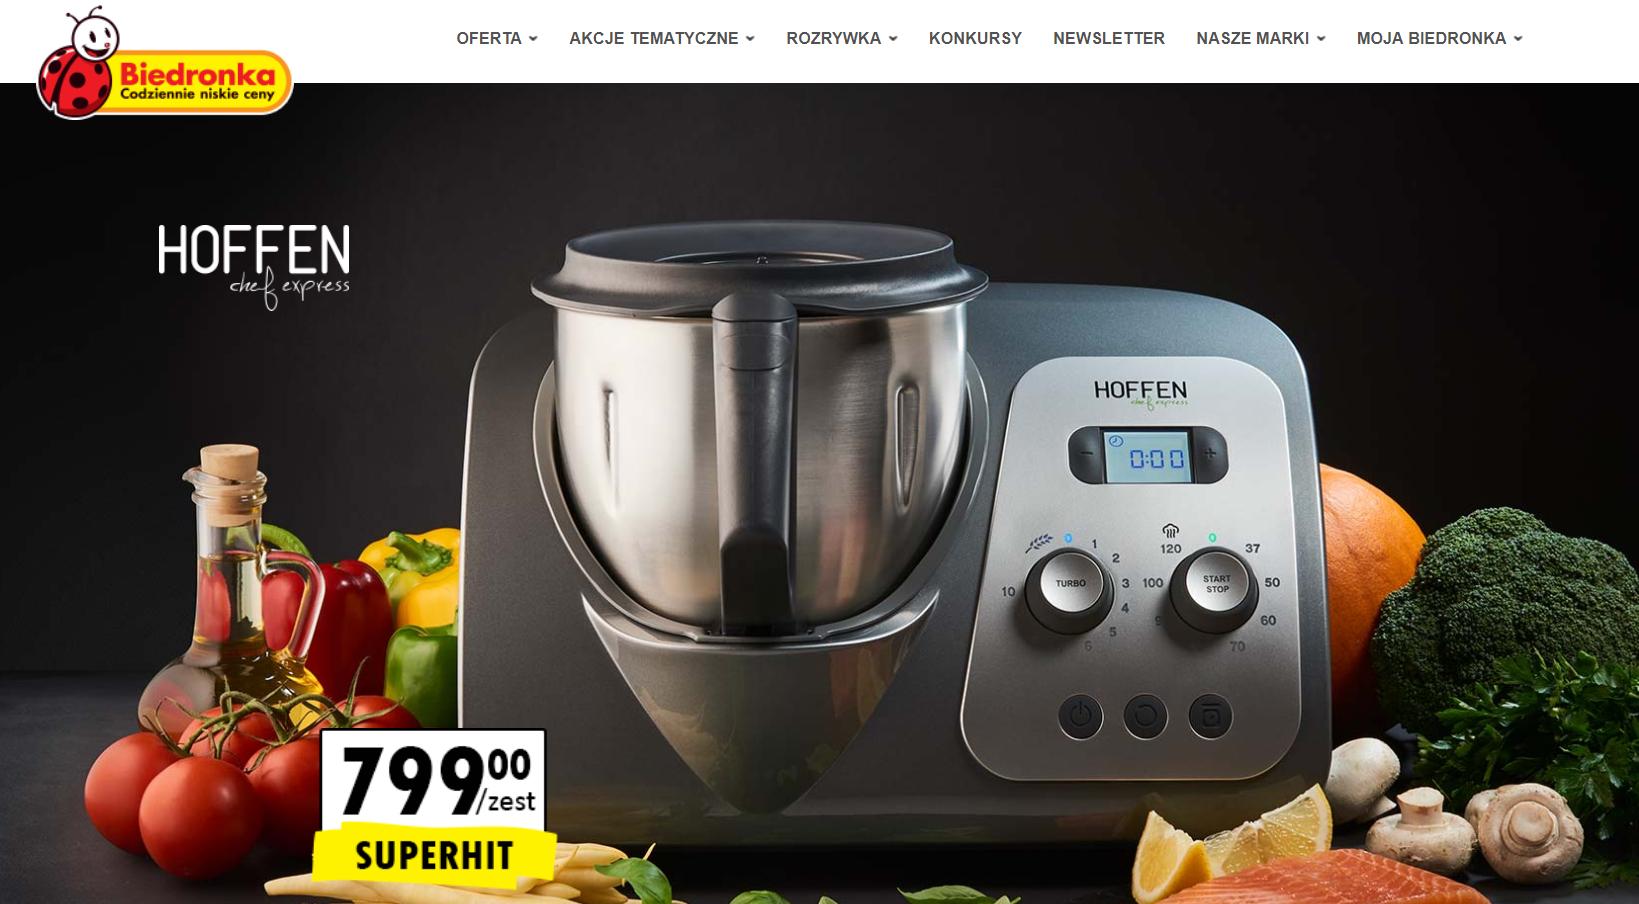 Wielofunkcyjny robot kuchenny Hoffen Chef Express @ Biedronka